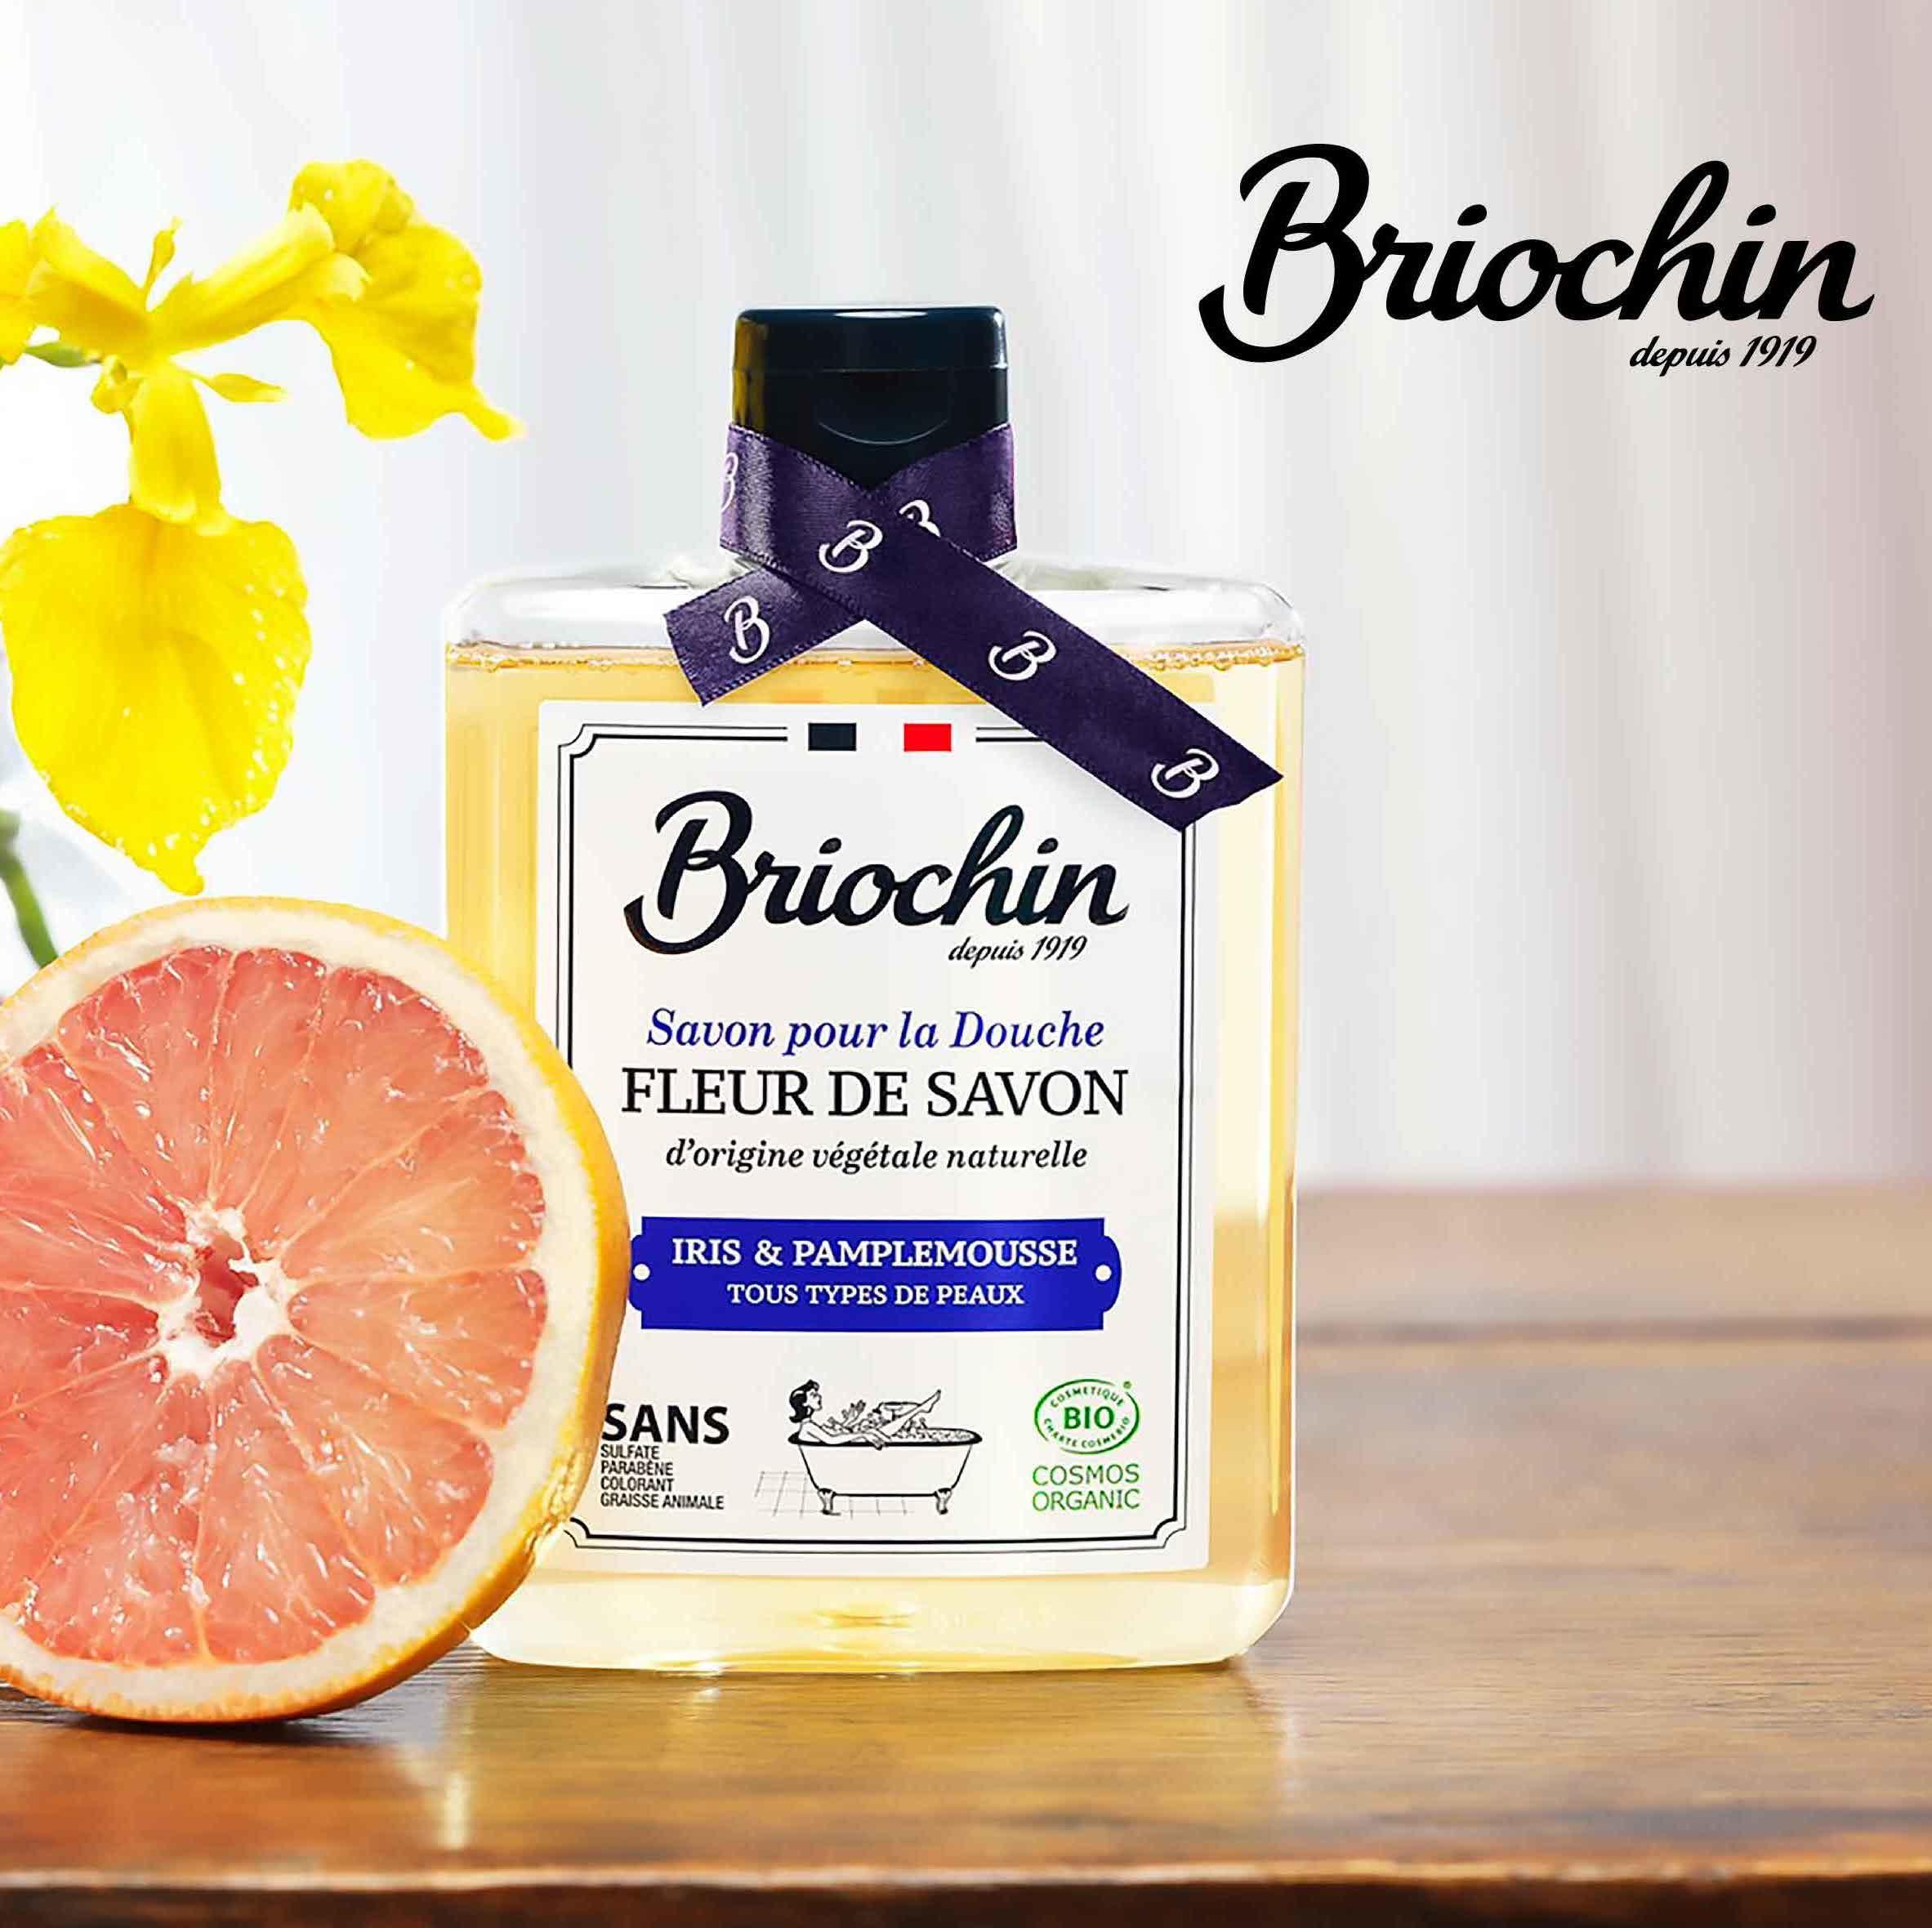 Briochin depuis 1919